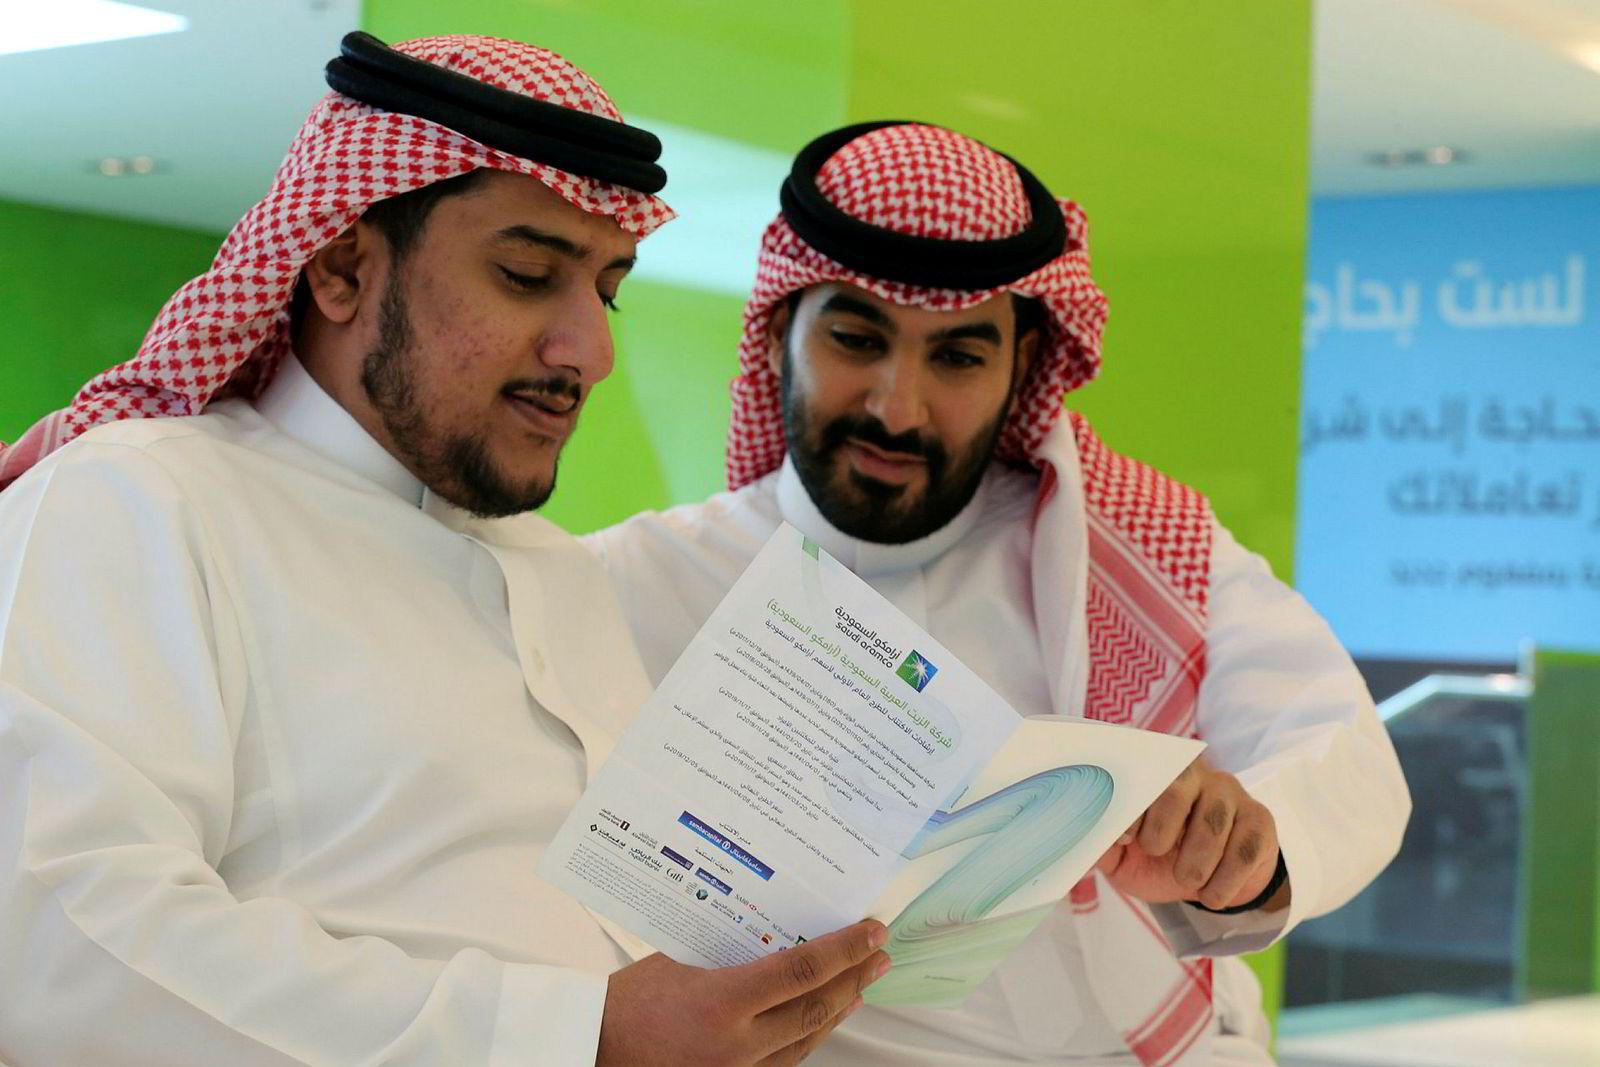 Saudiarabiske menn leser gjennom prospektet som ble sluppet før børsnoteringen av Saudi Aramco.